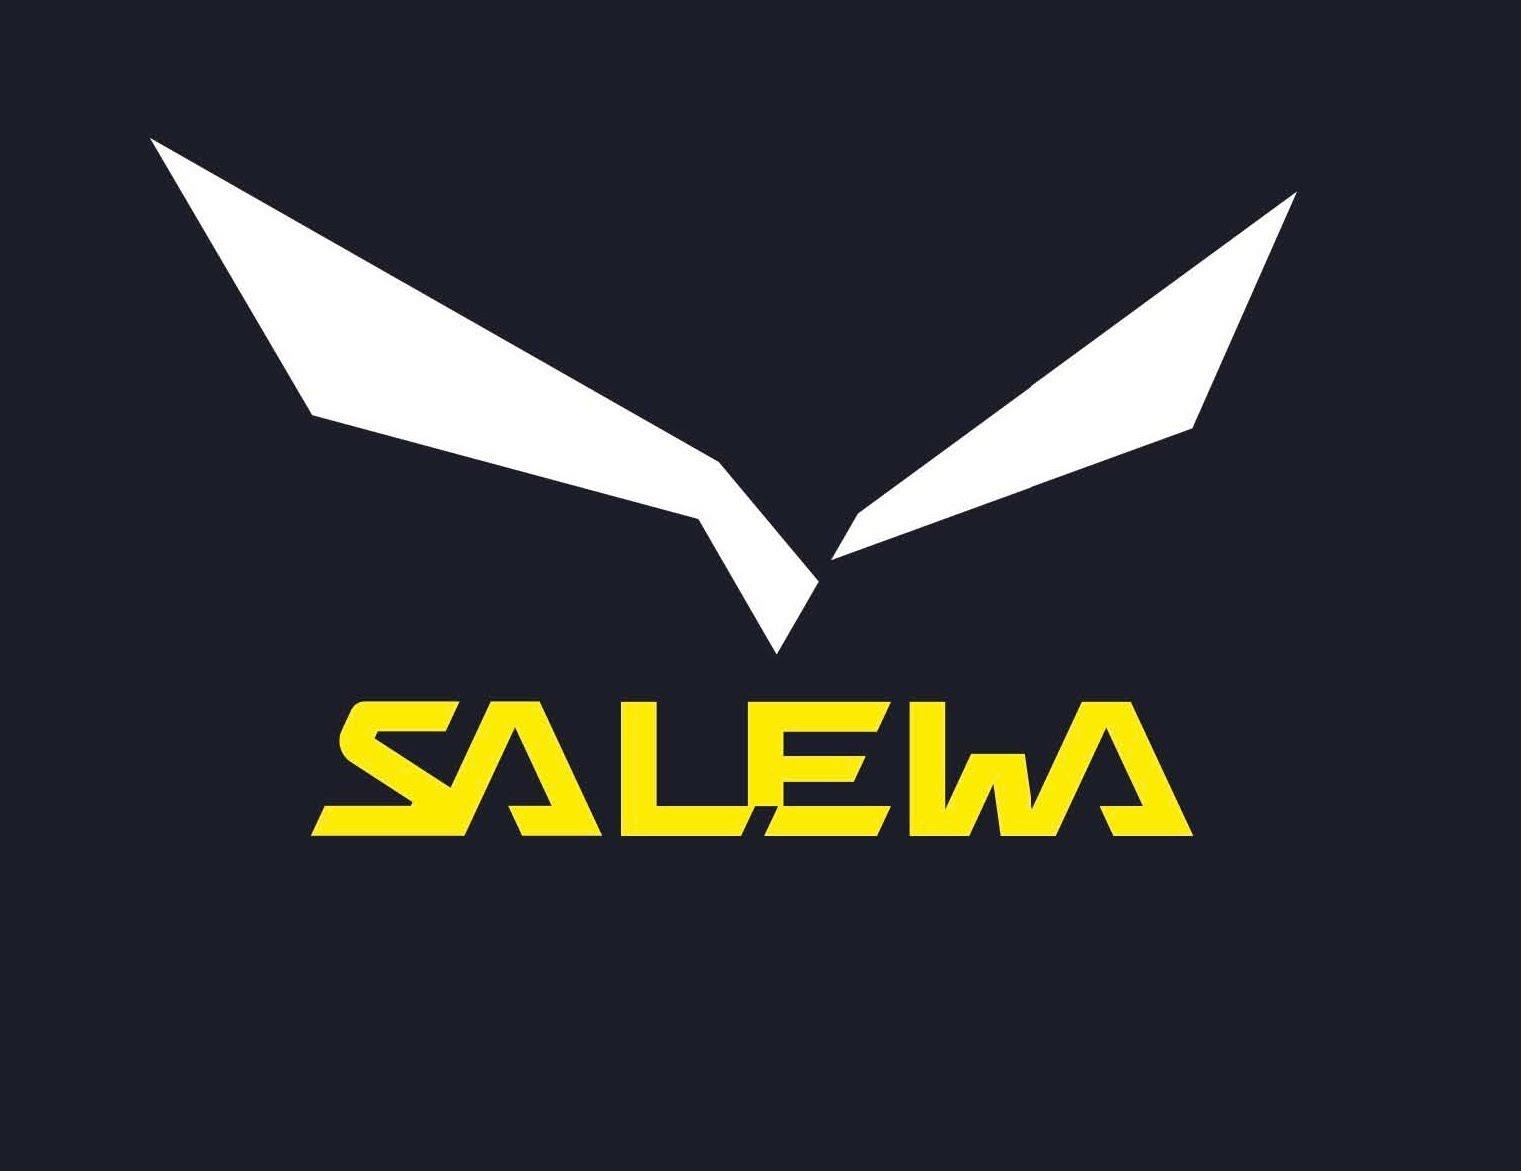 salewa marque européenne